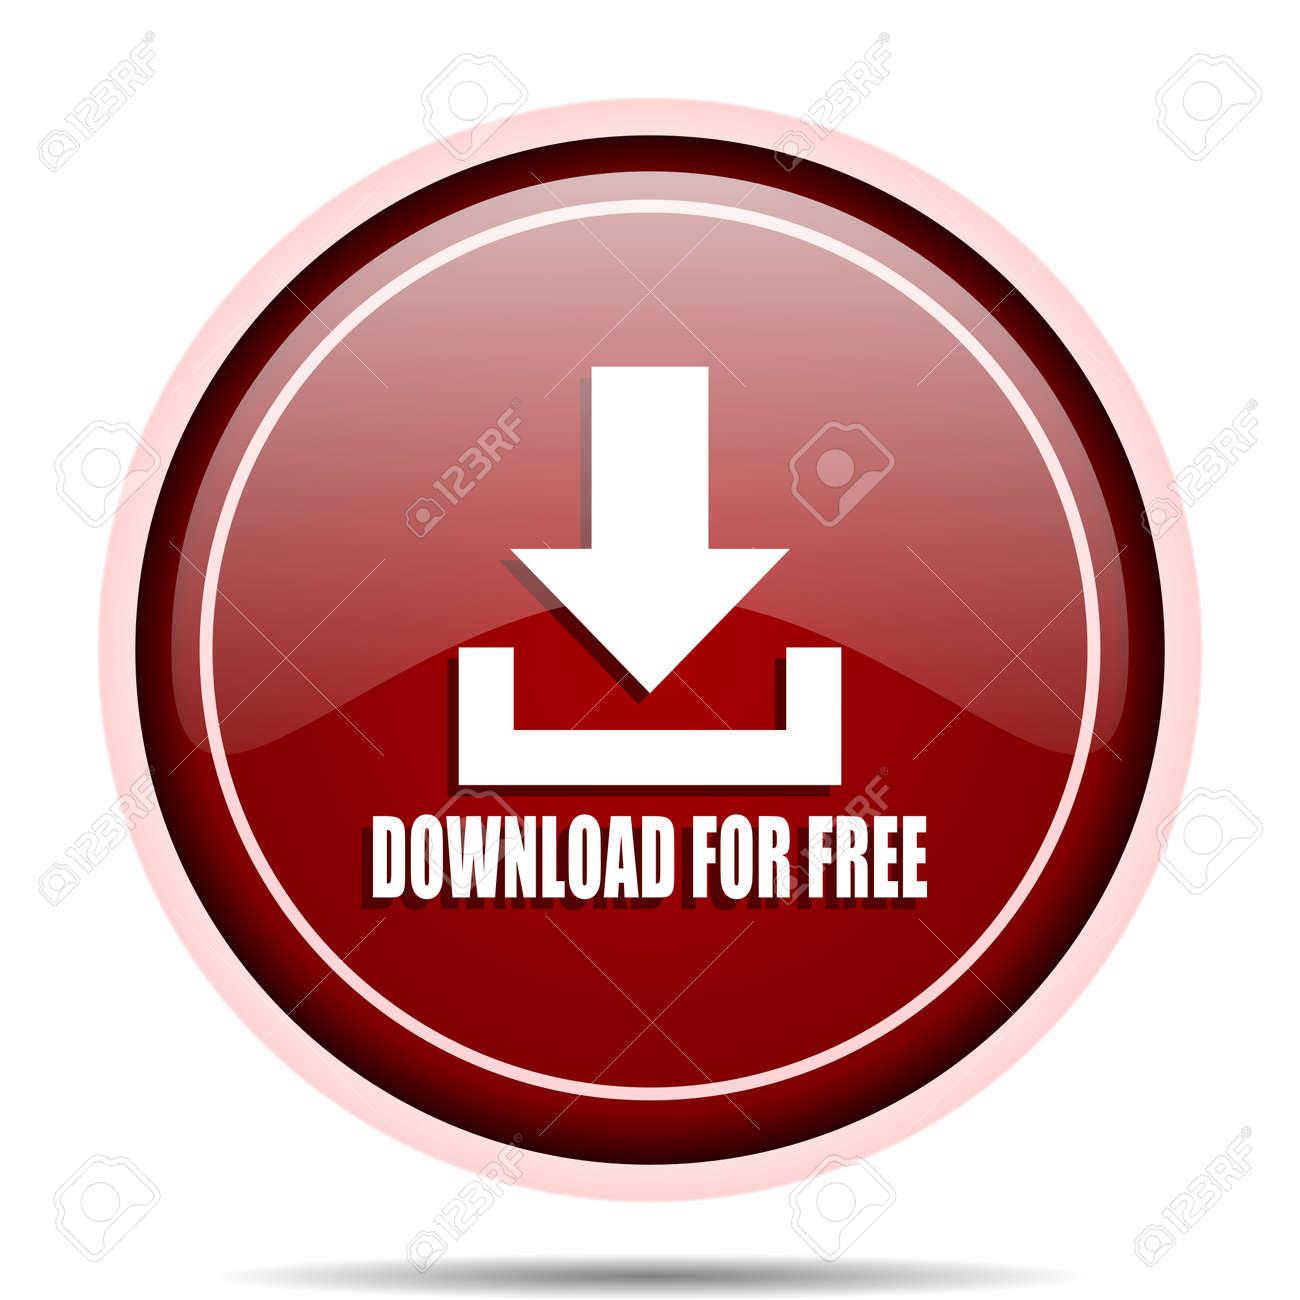 07c453f406ca1 Descarga gratis el icono web redondo brillante rojo. Círculo aislado botón  de internet para aplicaciones